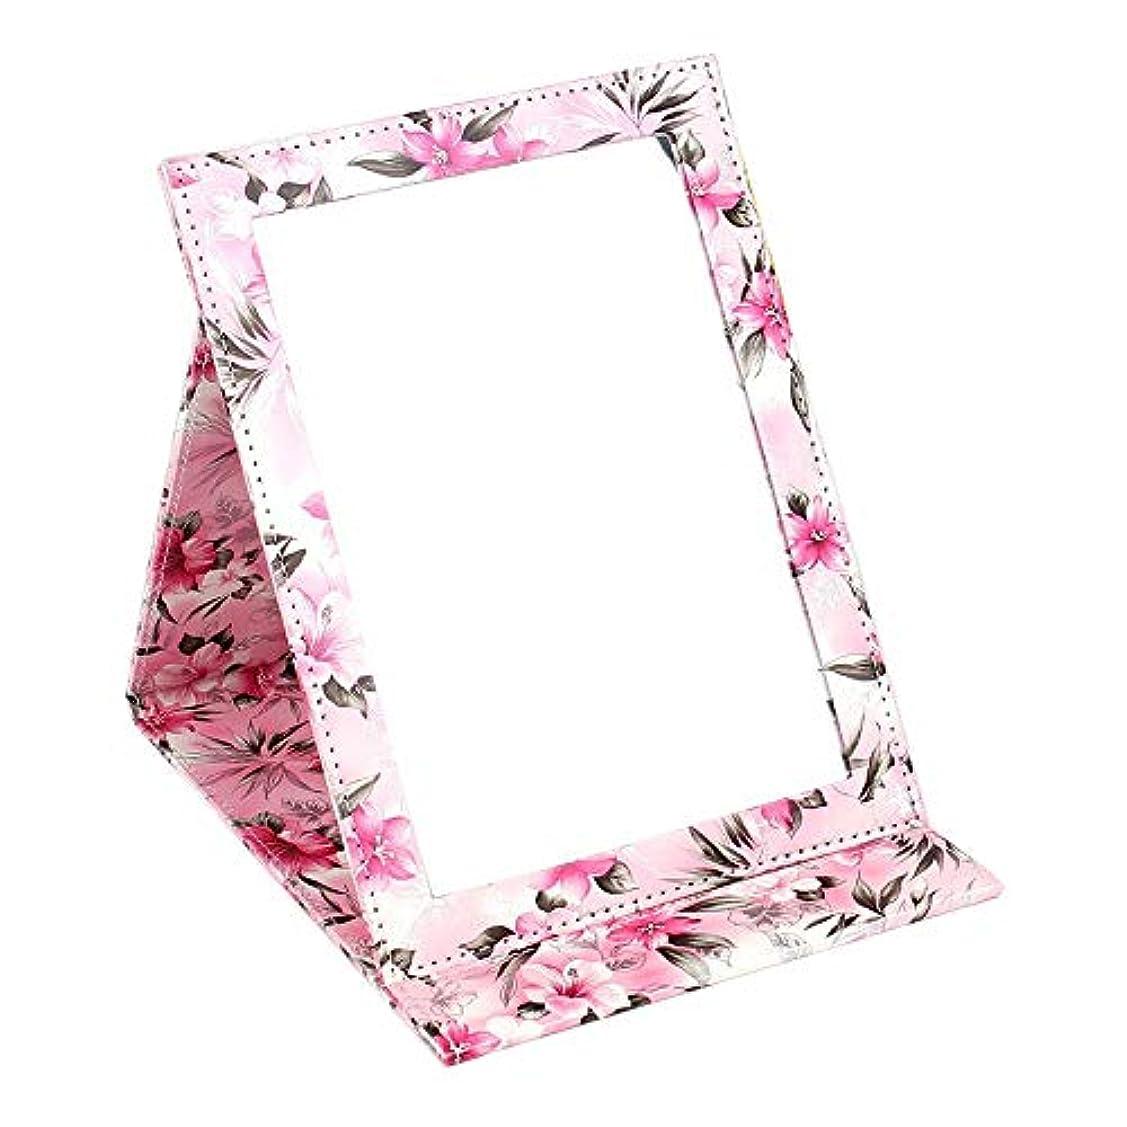 寛容ファセット段階YummyBuy 化粧ミラー 折りたたみ ミラー 鏡 卓上 化粧 化粧鏡 角度調整自由自在 上質PUレザー使用(クロコダイル?パターン、2サイズ) (大きなサイズ, ハッピーカラー)